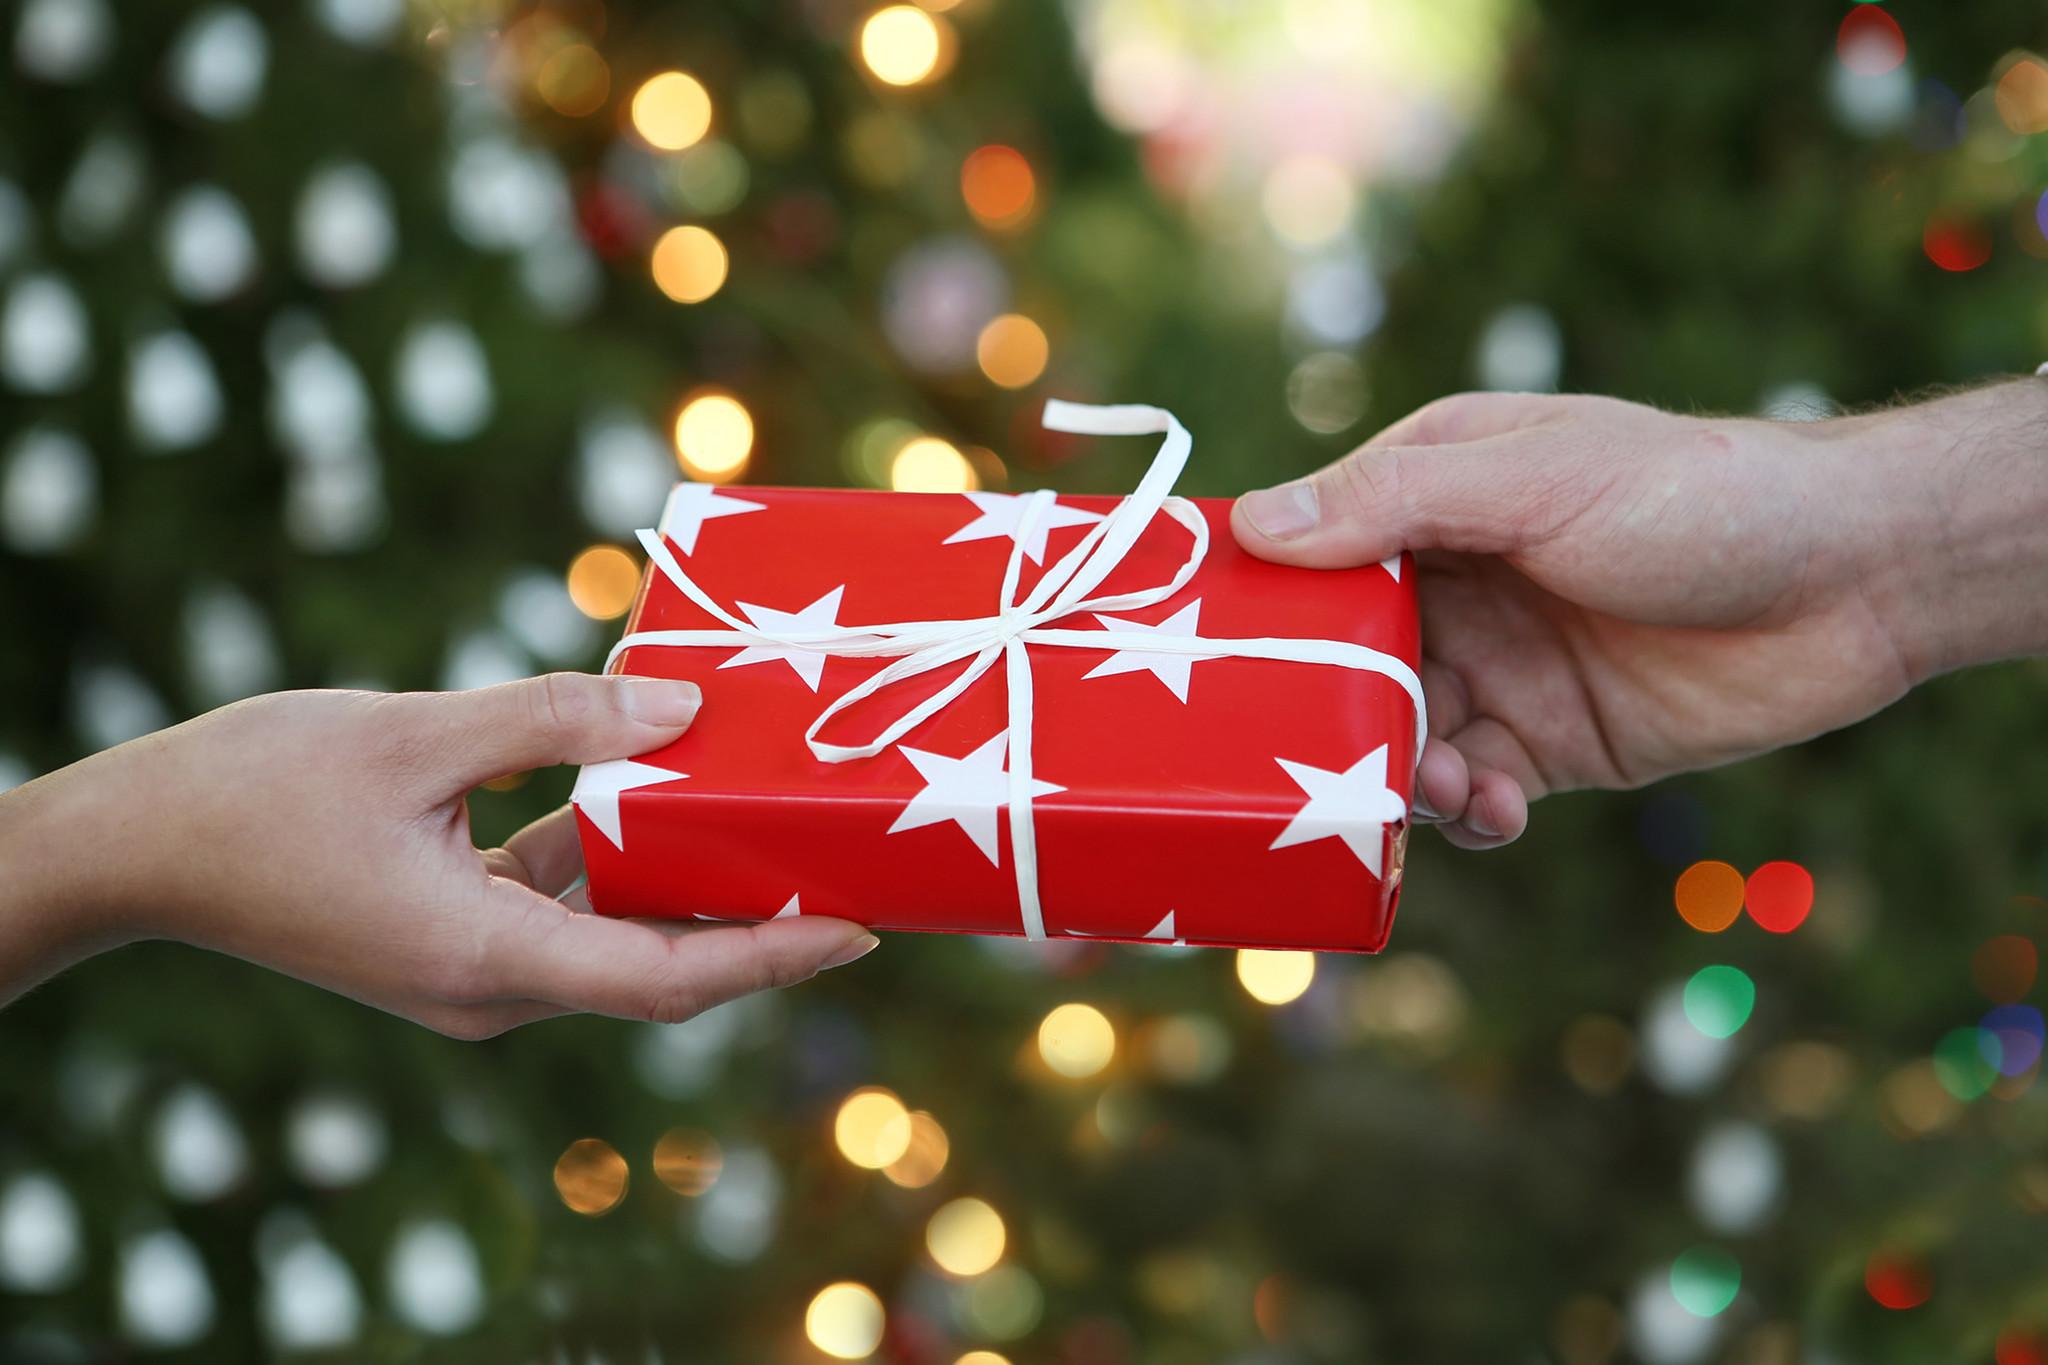 Honest Christmas gift ideas for guys - Chicago Tribune